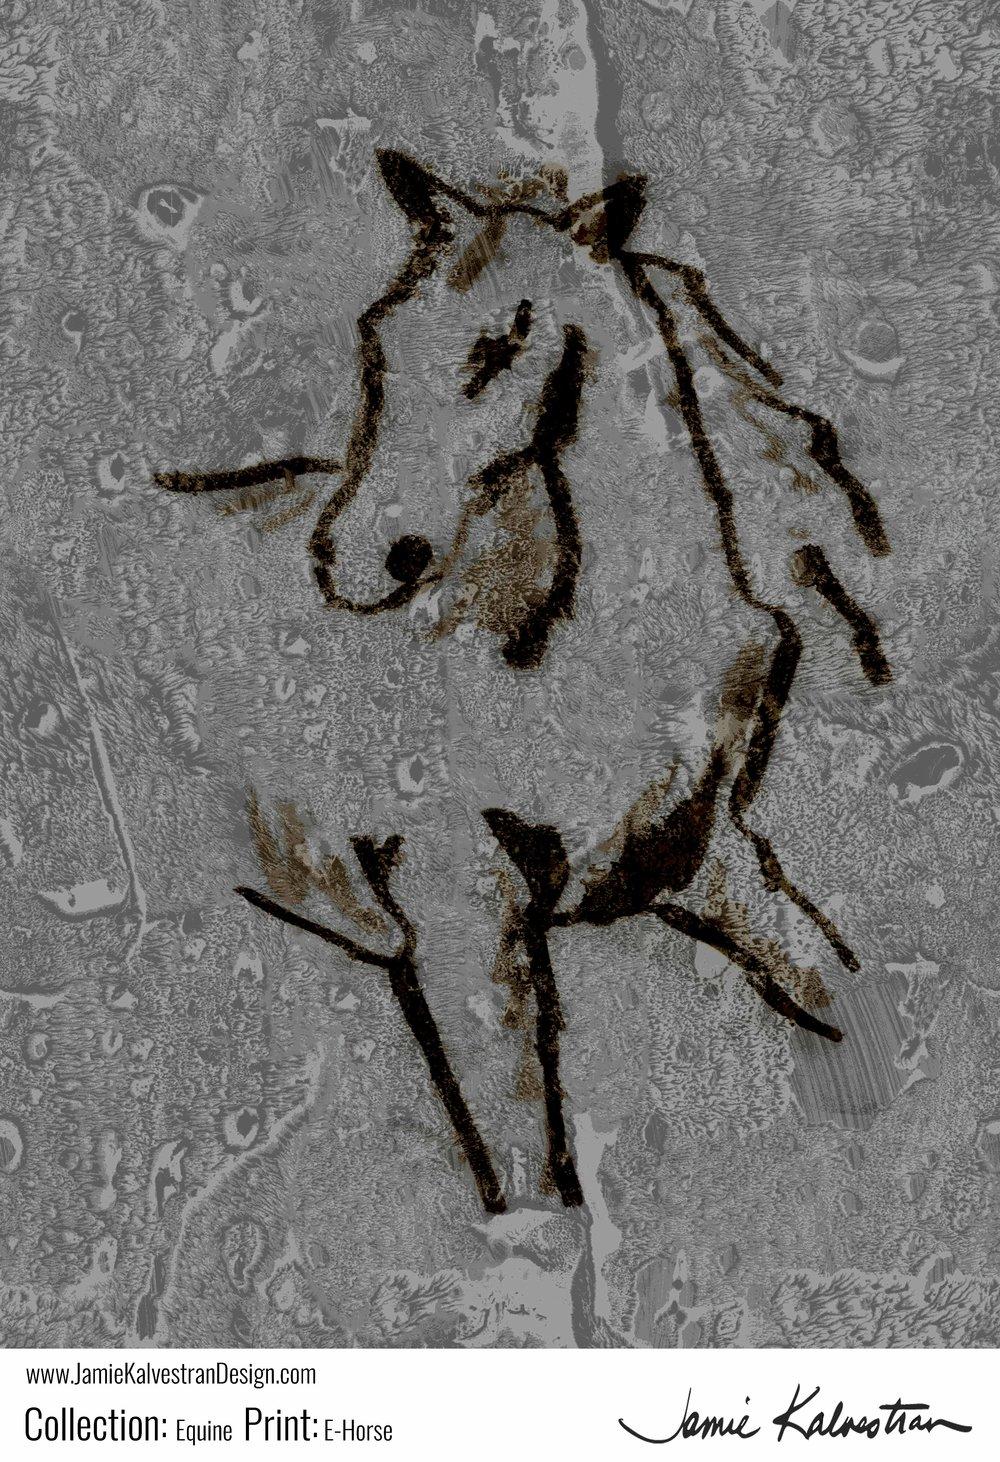 Jamie_Kalvestran_Equine_E-Horse.jpg